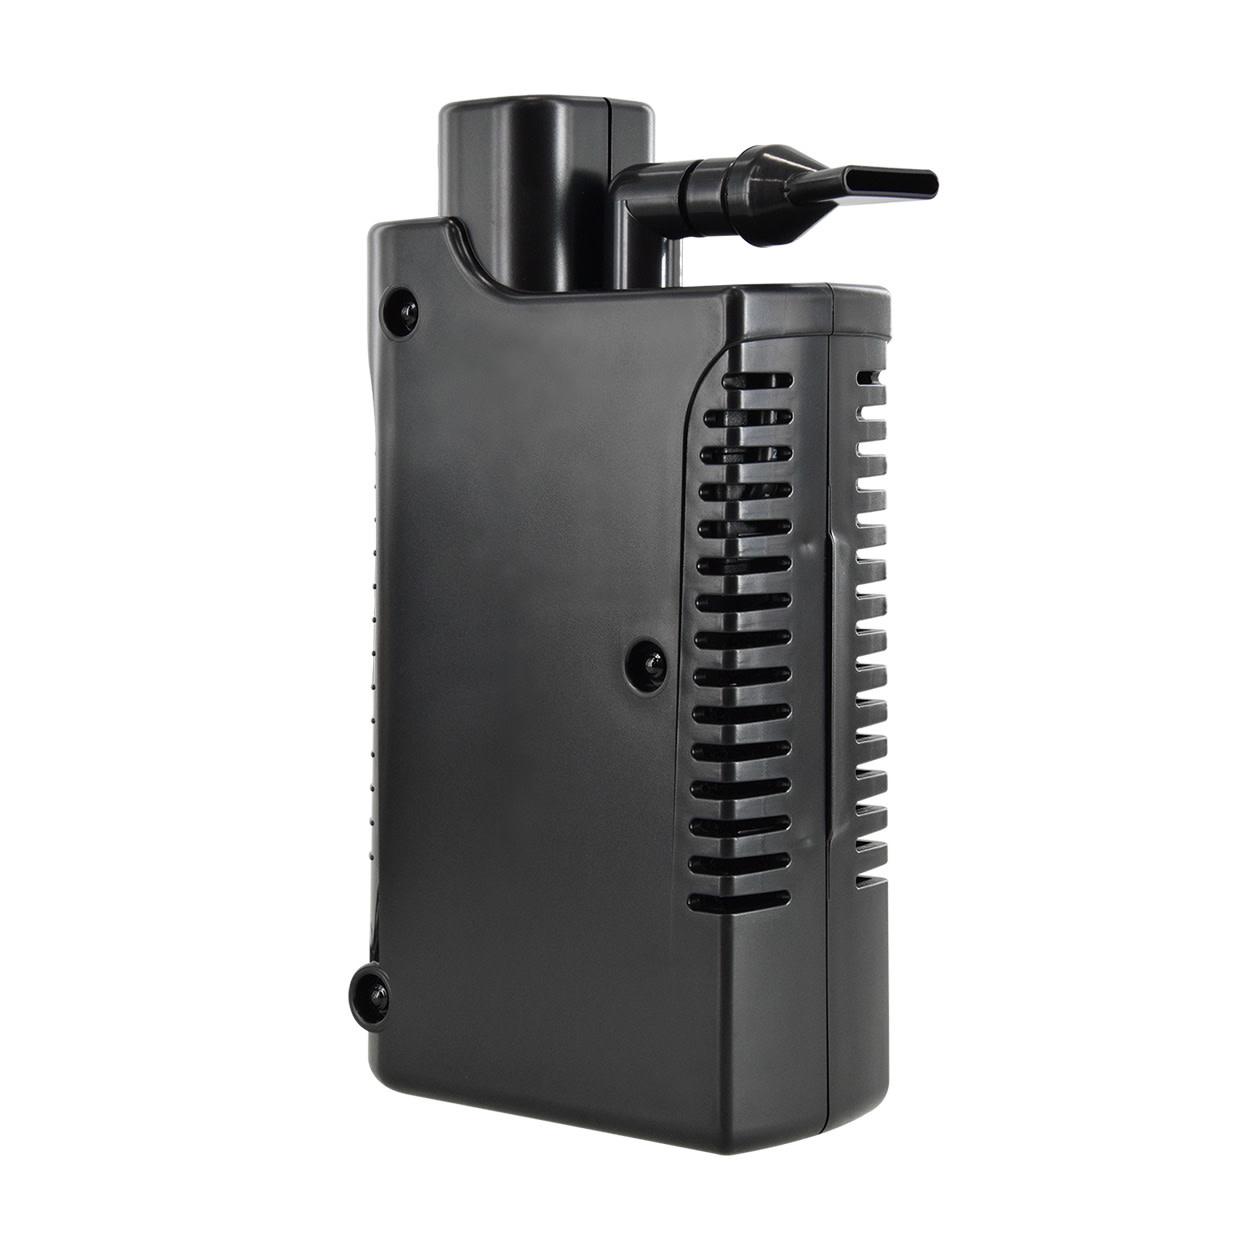 Ista Pompe de filtration submersible stérilisateur UV 13 watts - UV Sterilizer Submersible Filter Pump